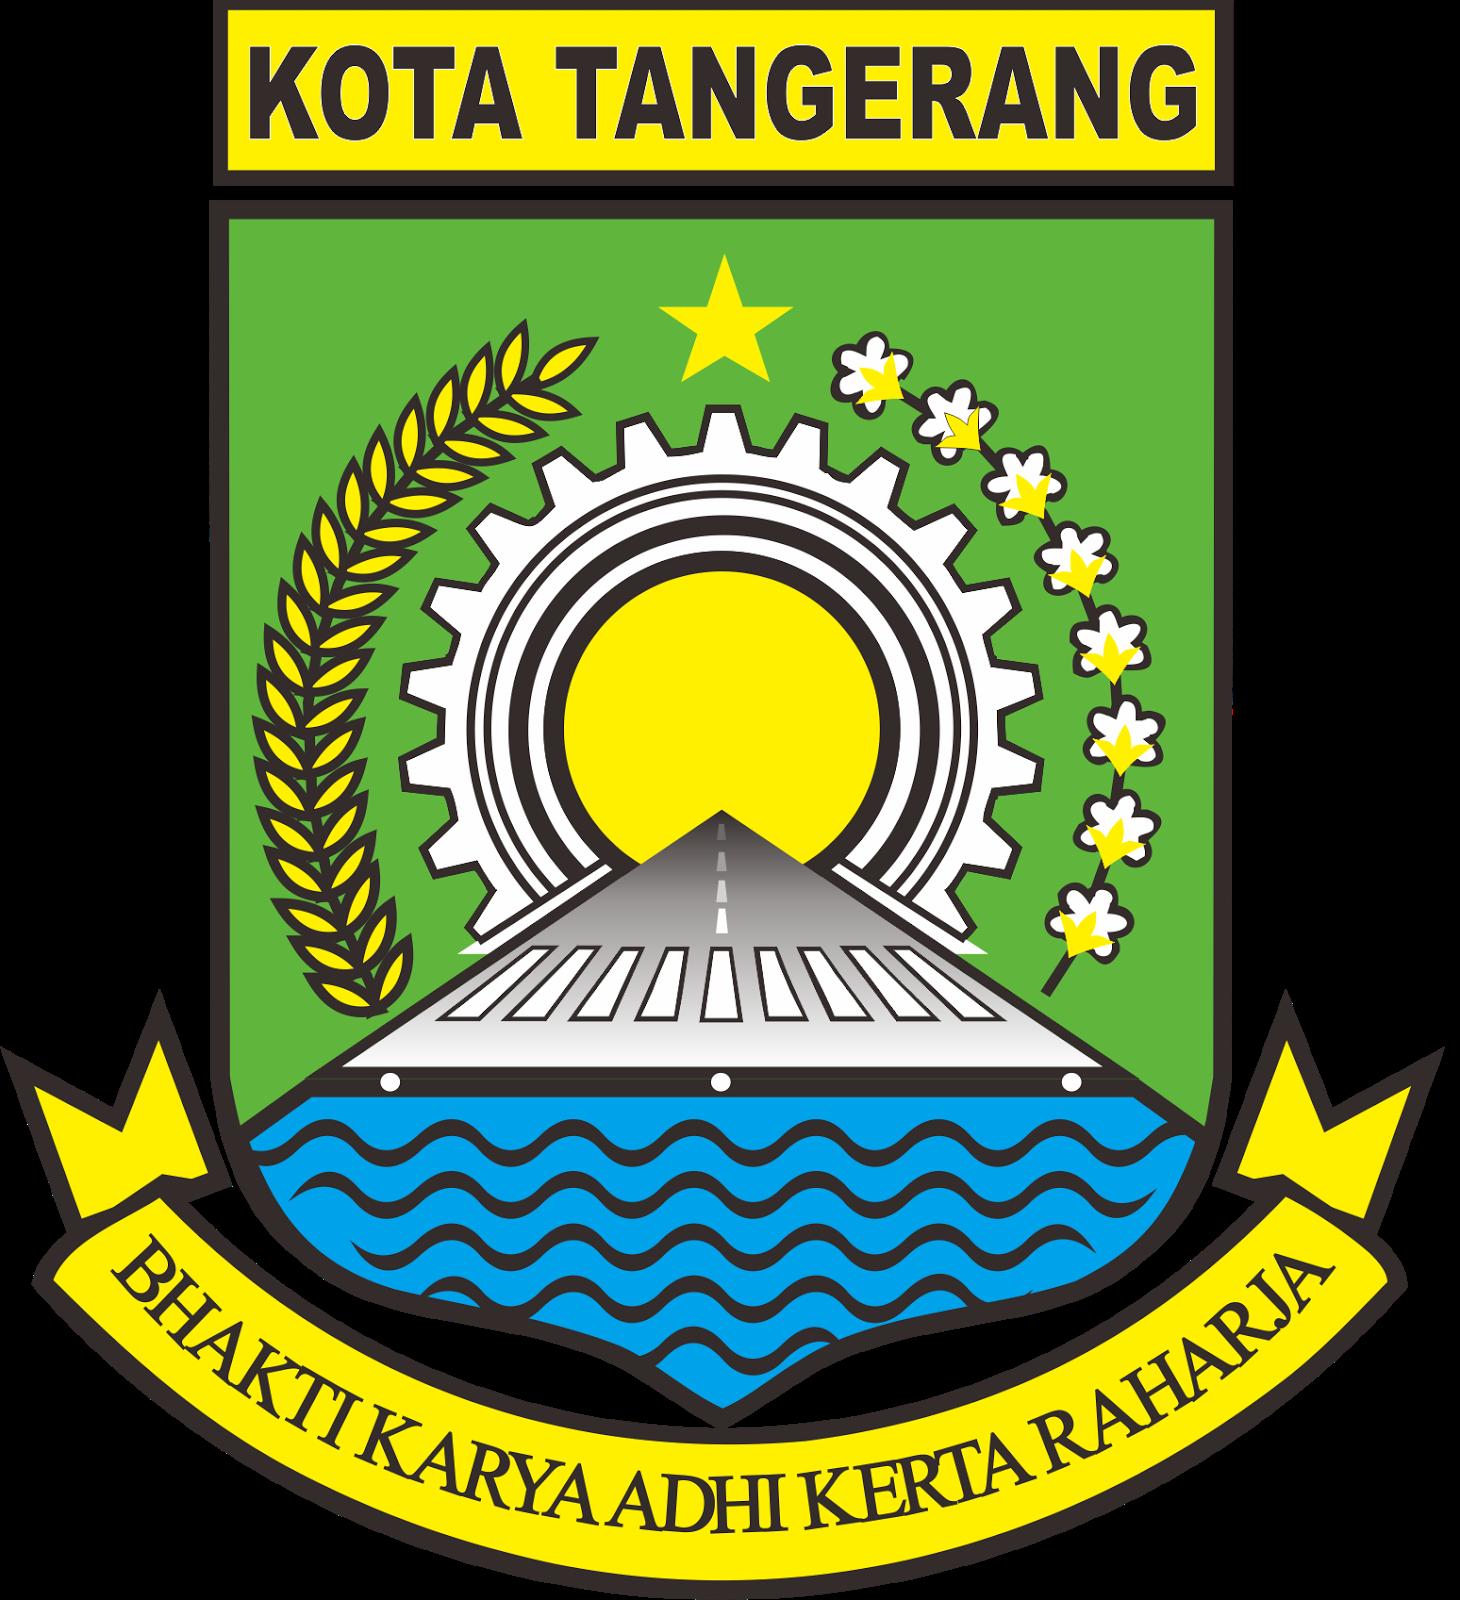 11 Kota Tangerang Bendera Keuangan Kota Tangerang